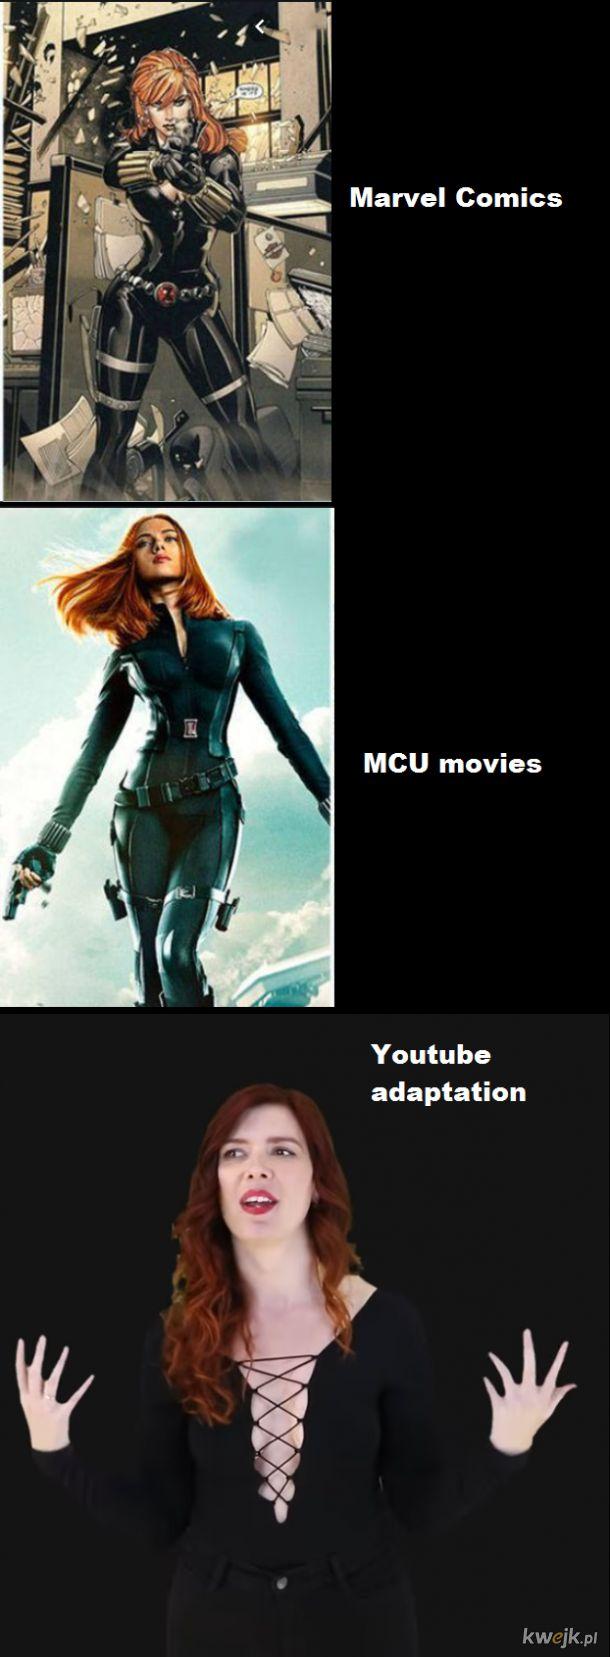 Adaptacje